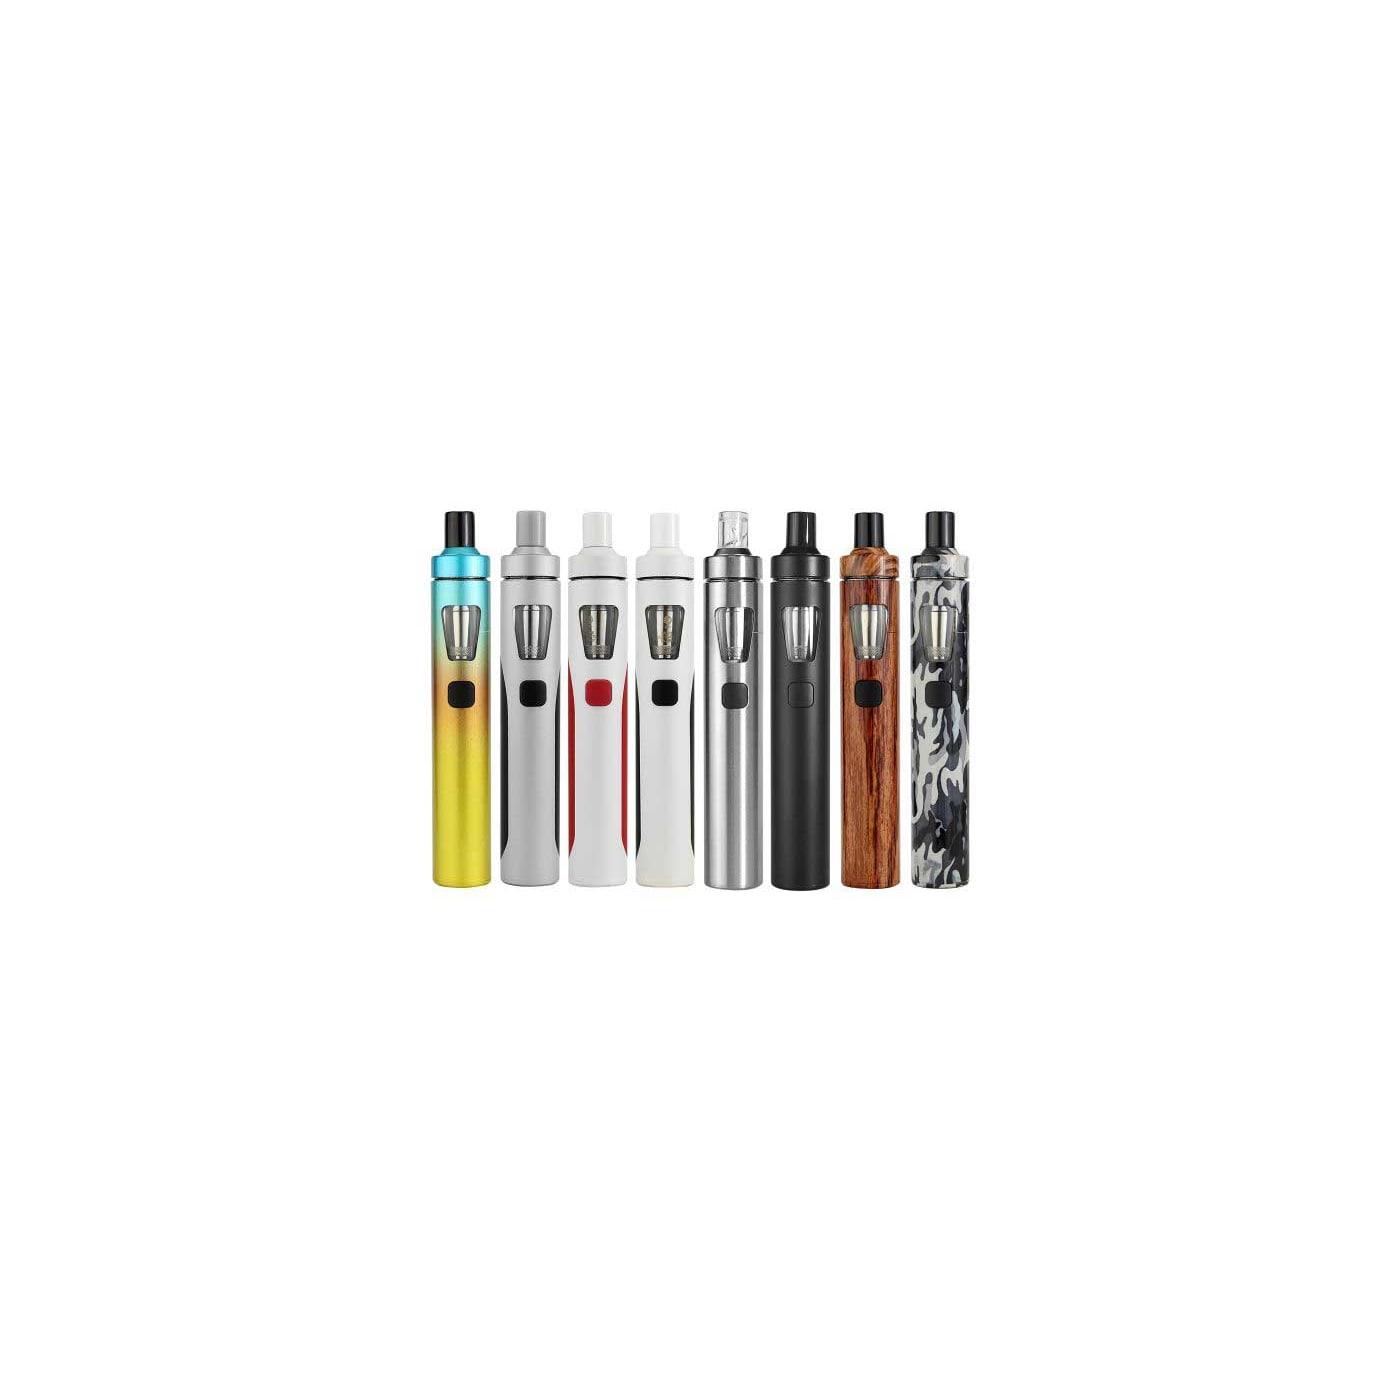 Joyetech eGo AIO Vape Pen Starter Kit Colors